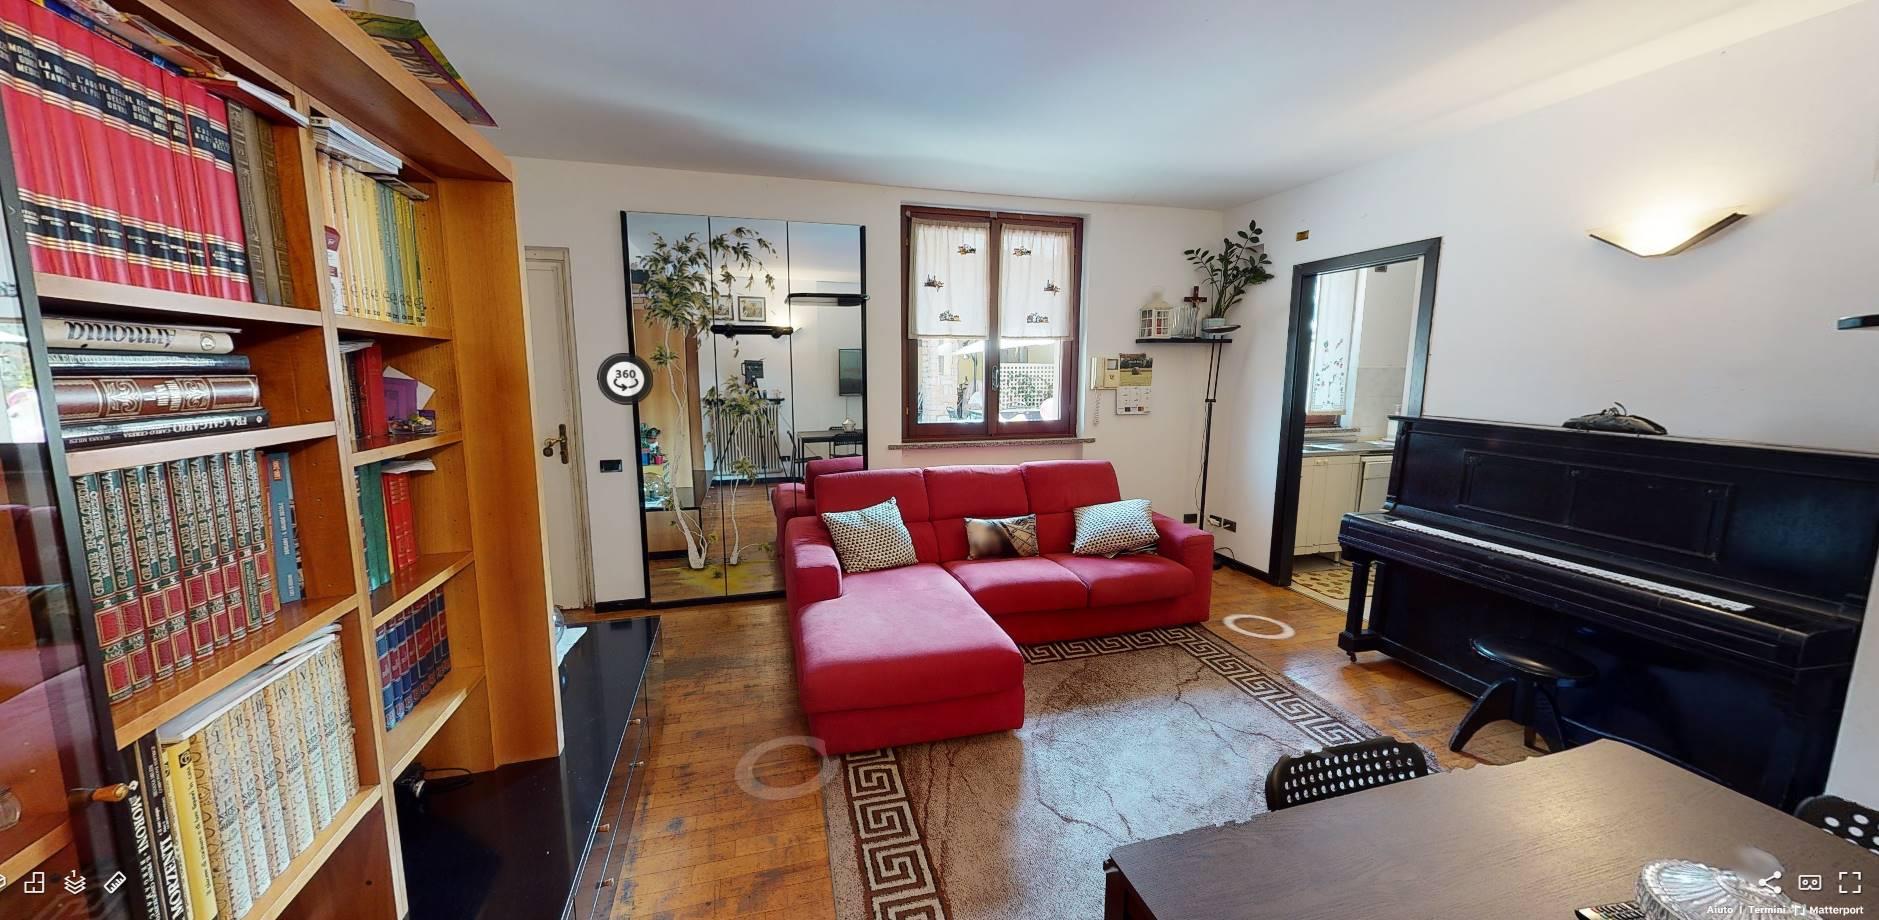 VILLA disposta su più livelli, con 4 camere da letto, IN CORTILE indipendente con area esterna esclusiva e posti per auto. L' abitazione è composta